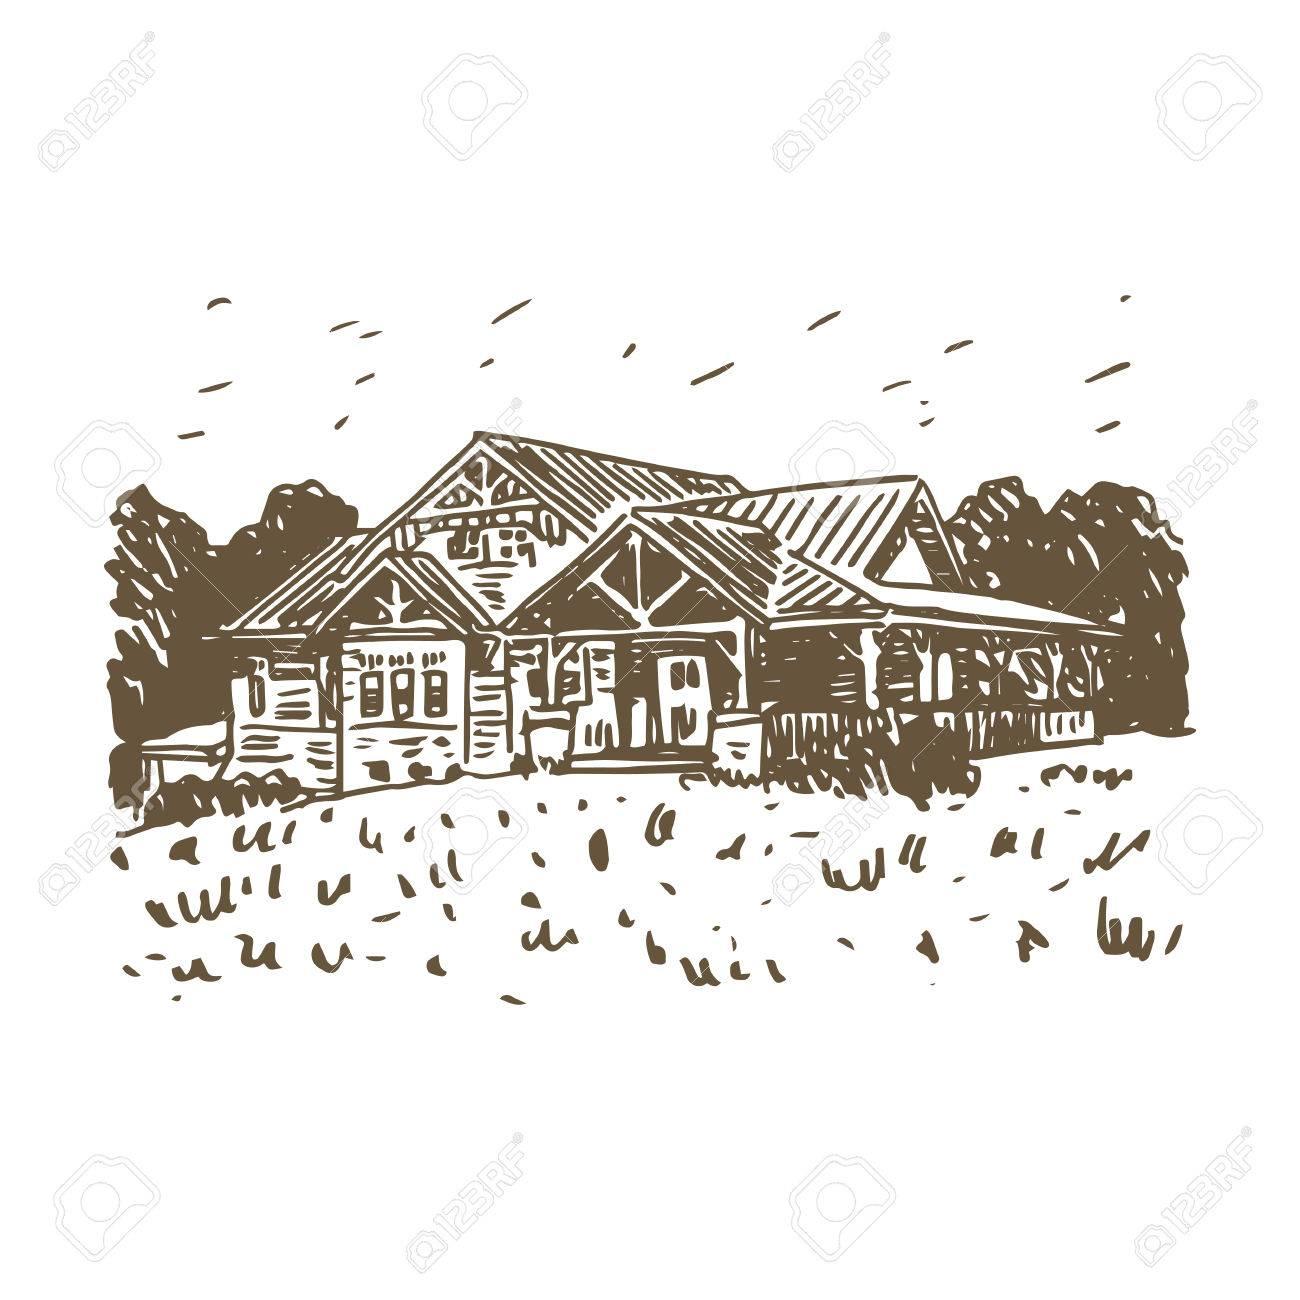 Banque dimages un croquis dune maison de campagne vector dessin au crayon à main levée